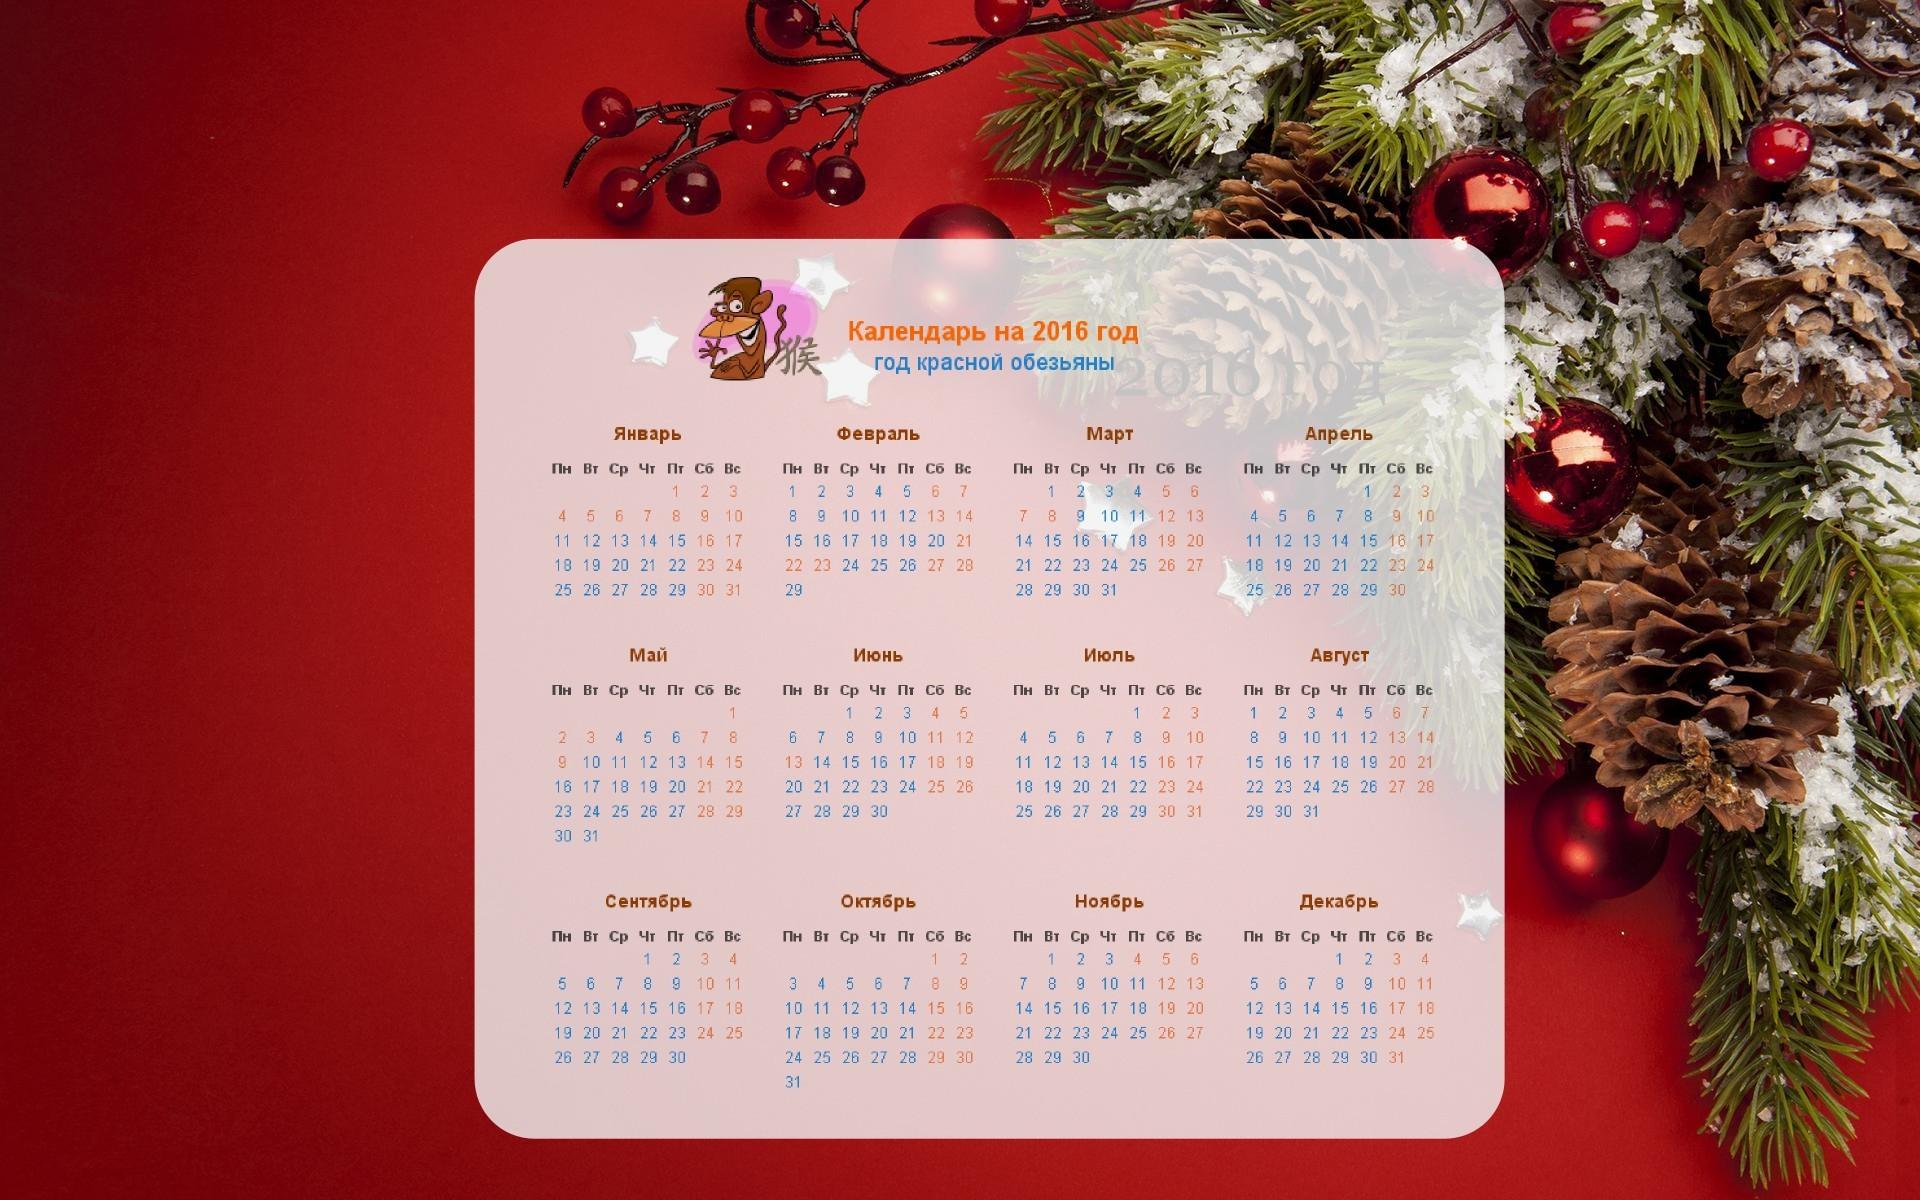 Календарь к новому году картинки